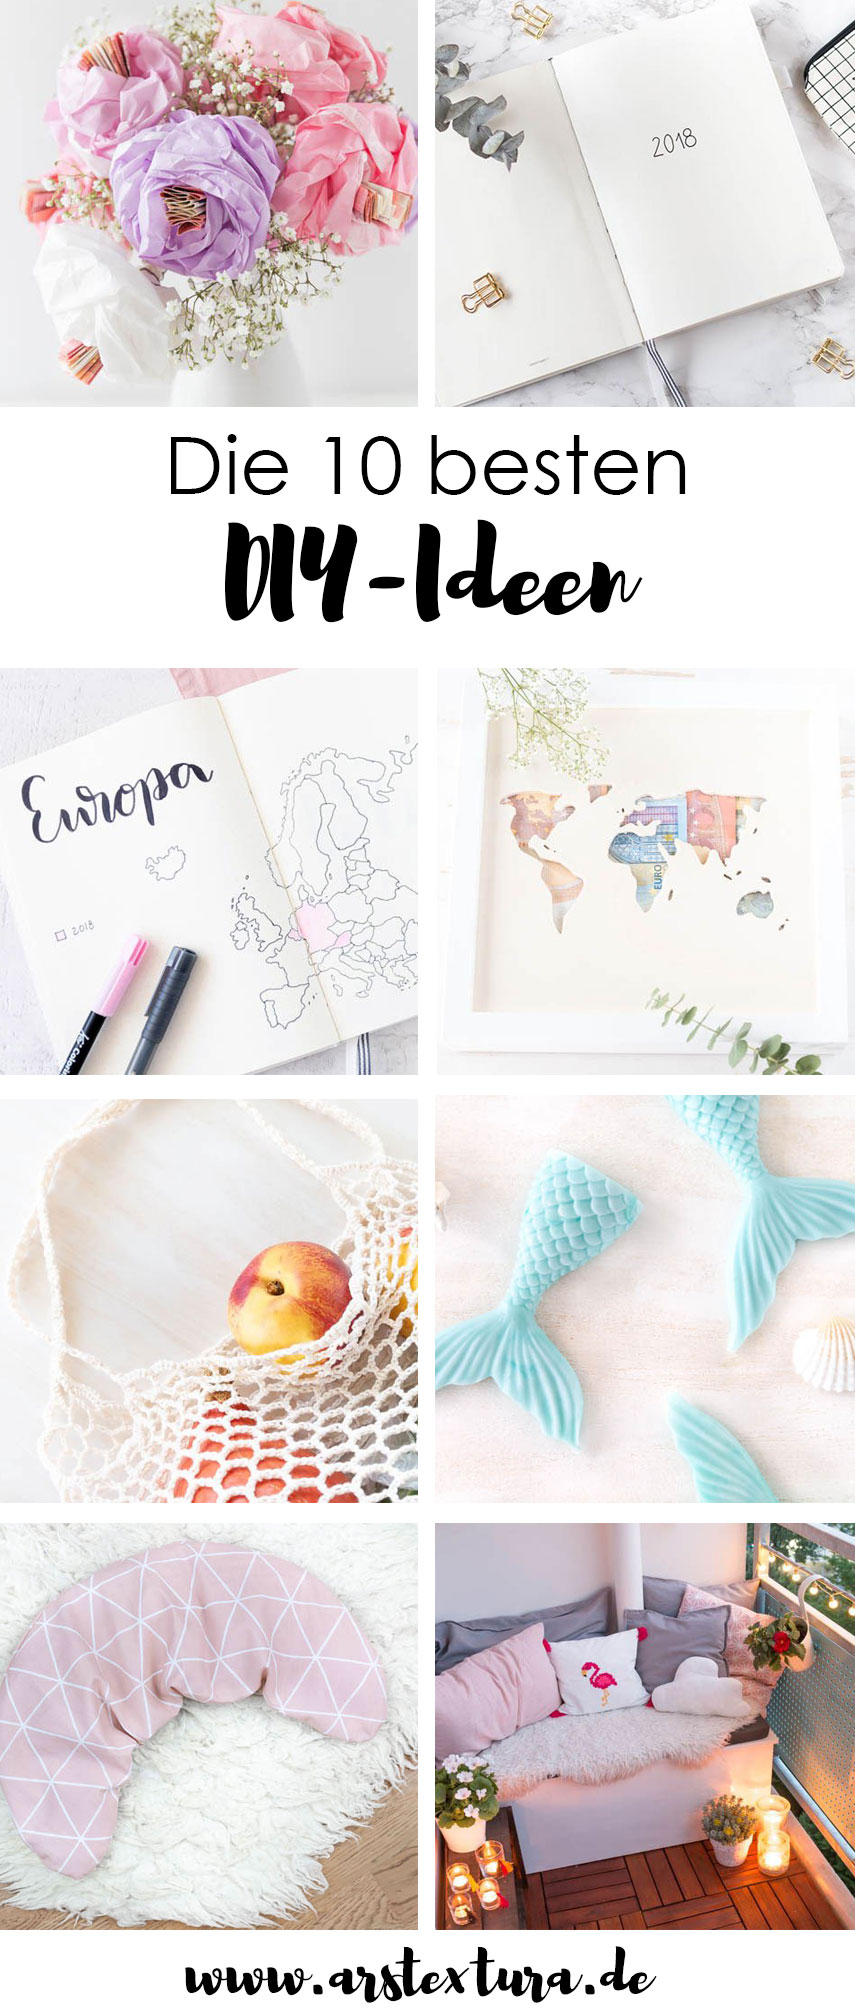 Die besten diy ideen 2018 ars textura diy blog for Instagram name ideen